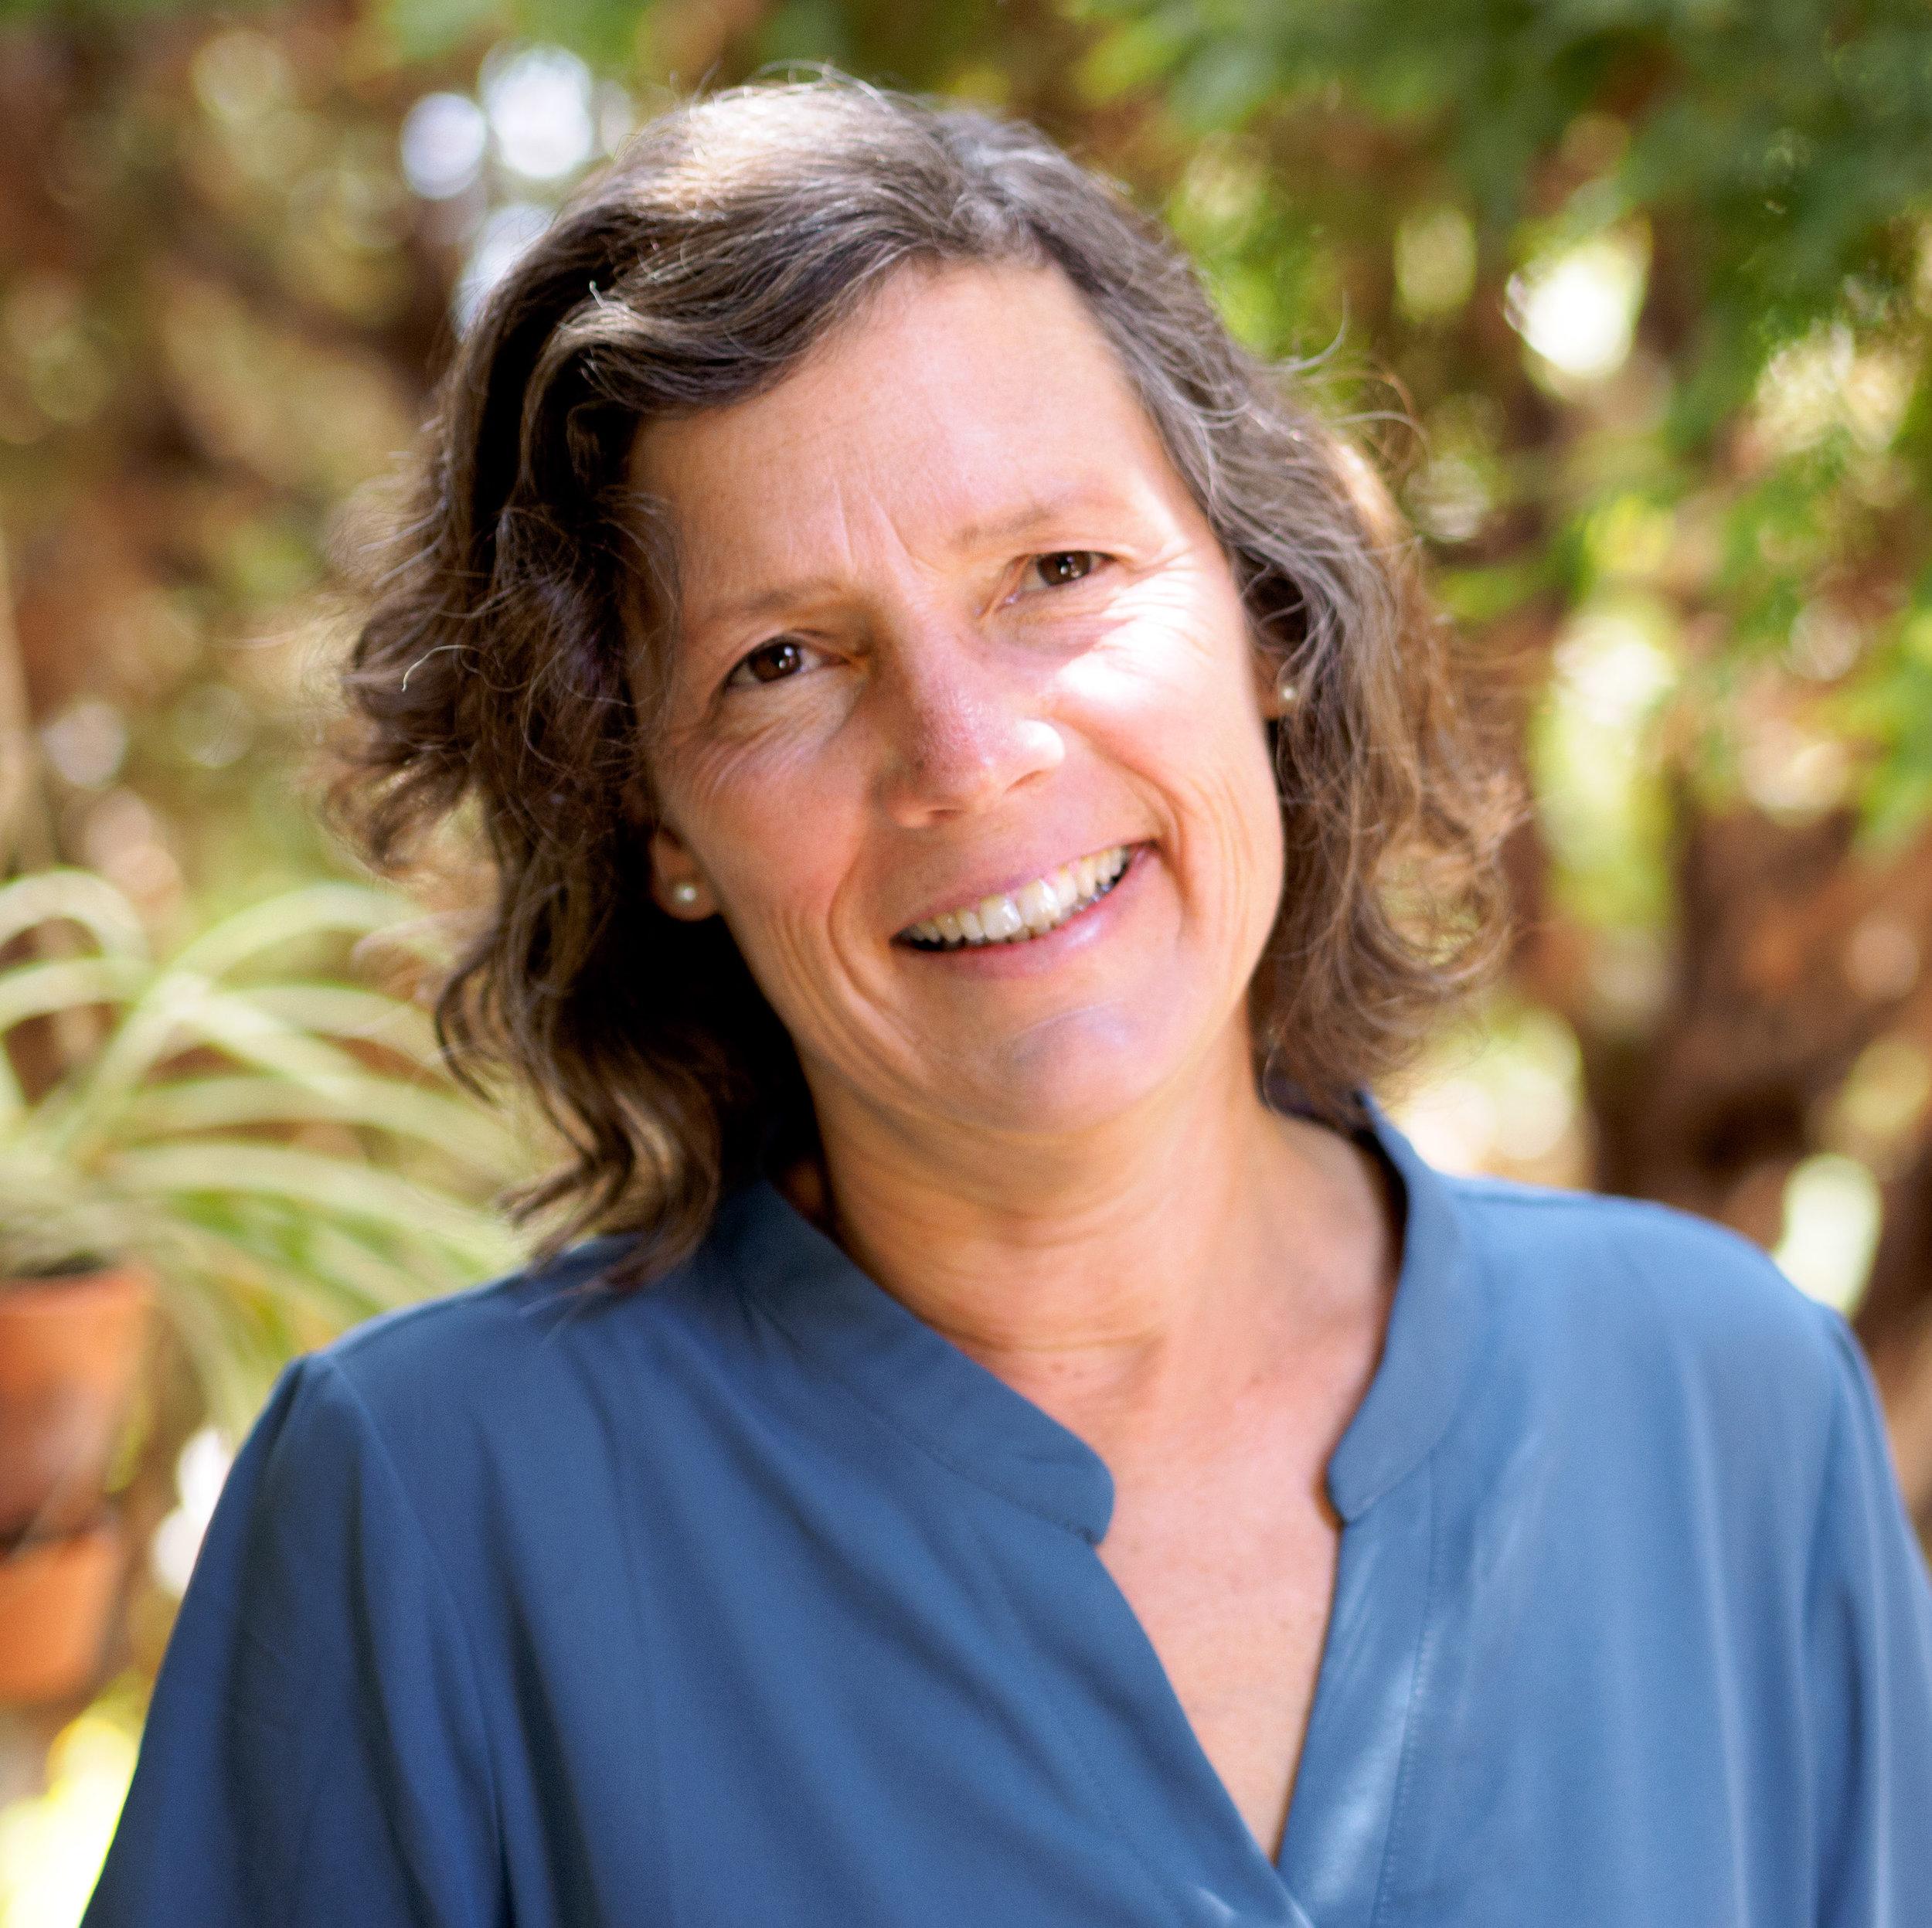 Jennifer J. Freyd, PhD